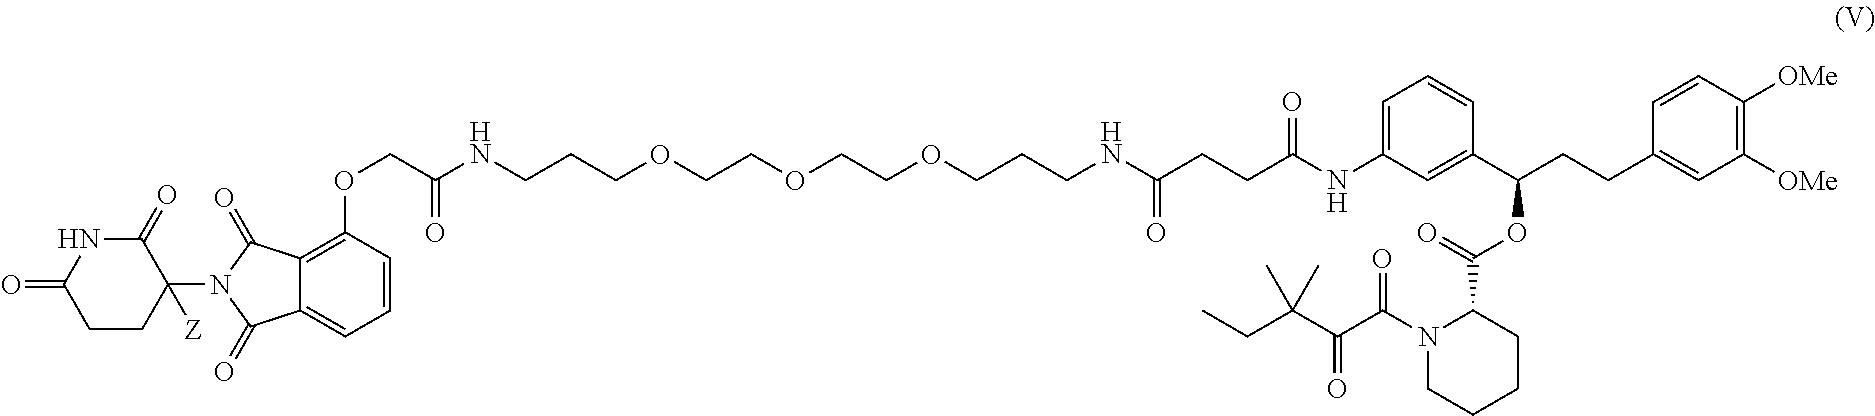 Figure US09809603-20171107-C00034